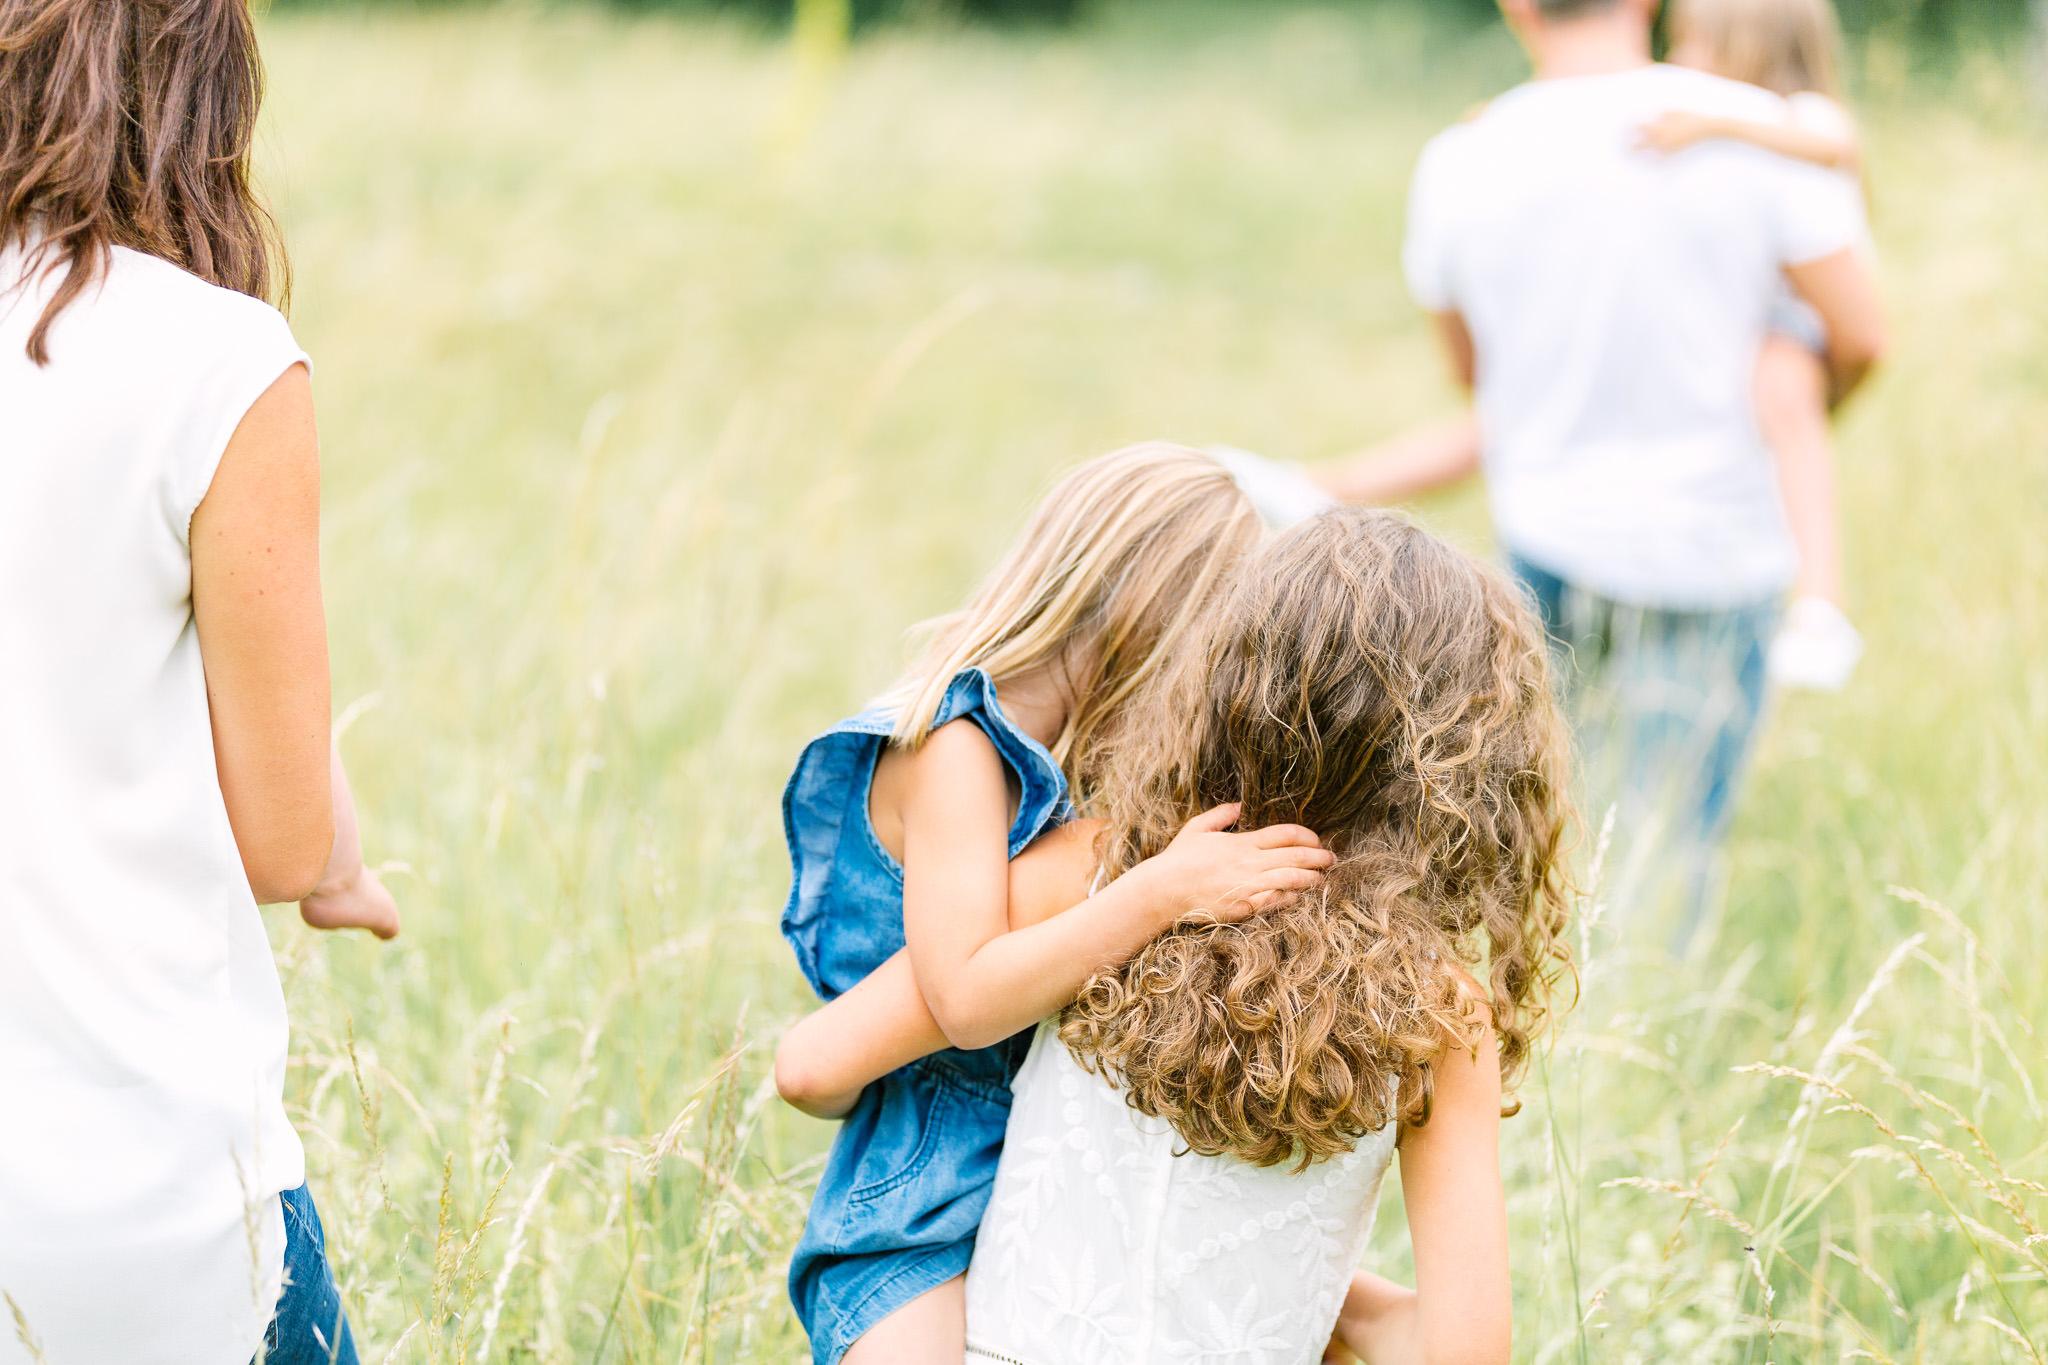 familjefotograf linköping barnfotografering